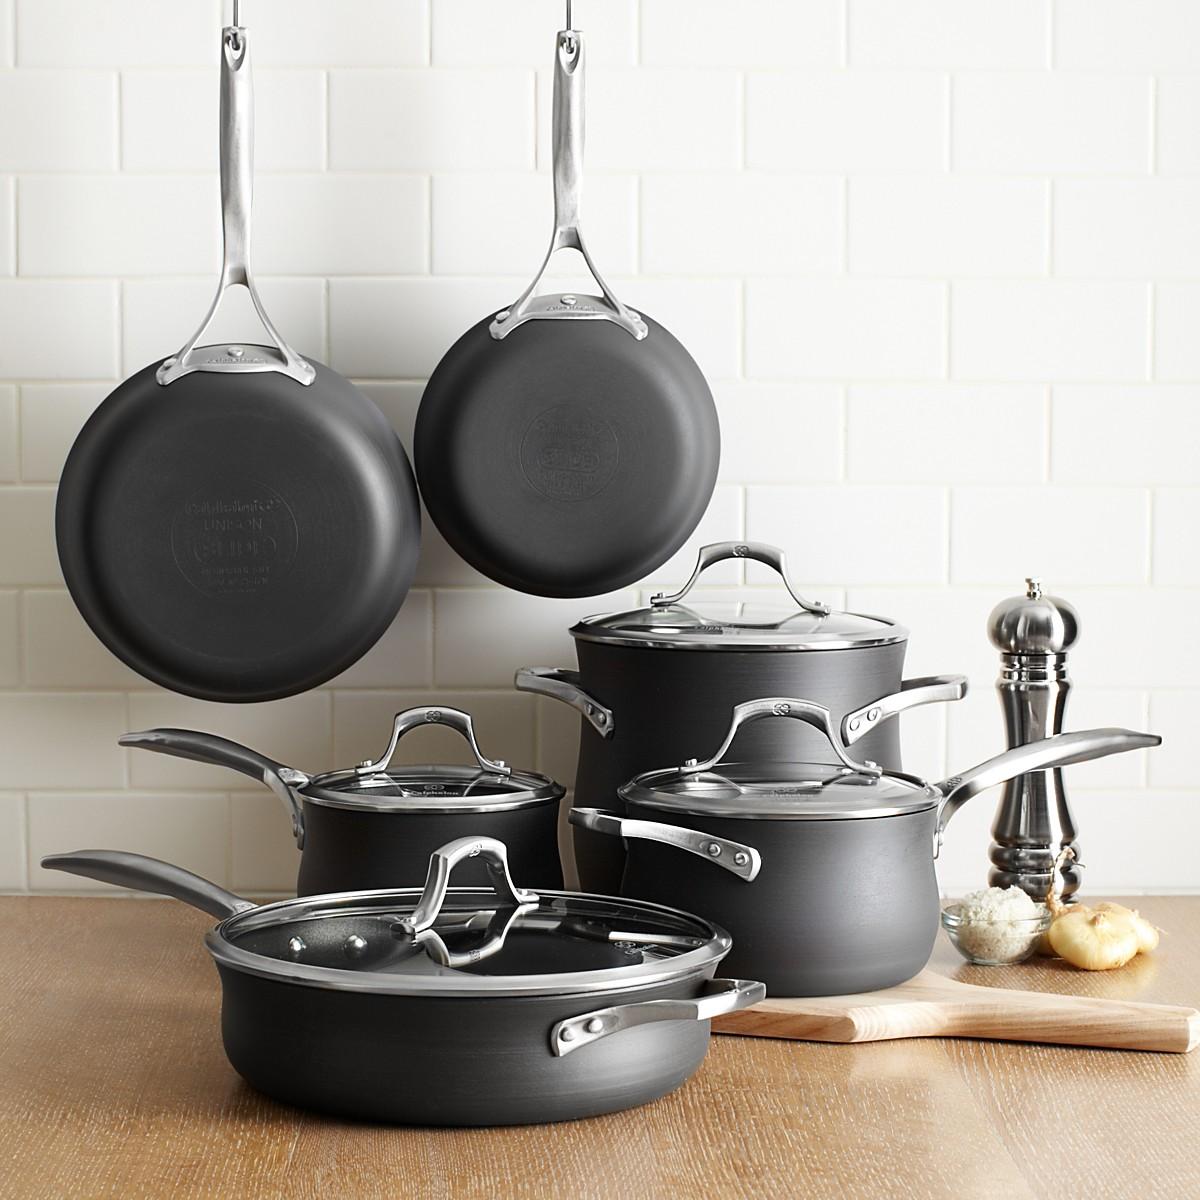 Kitchen Essentials To Start A New Home